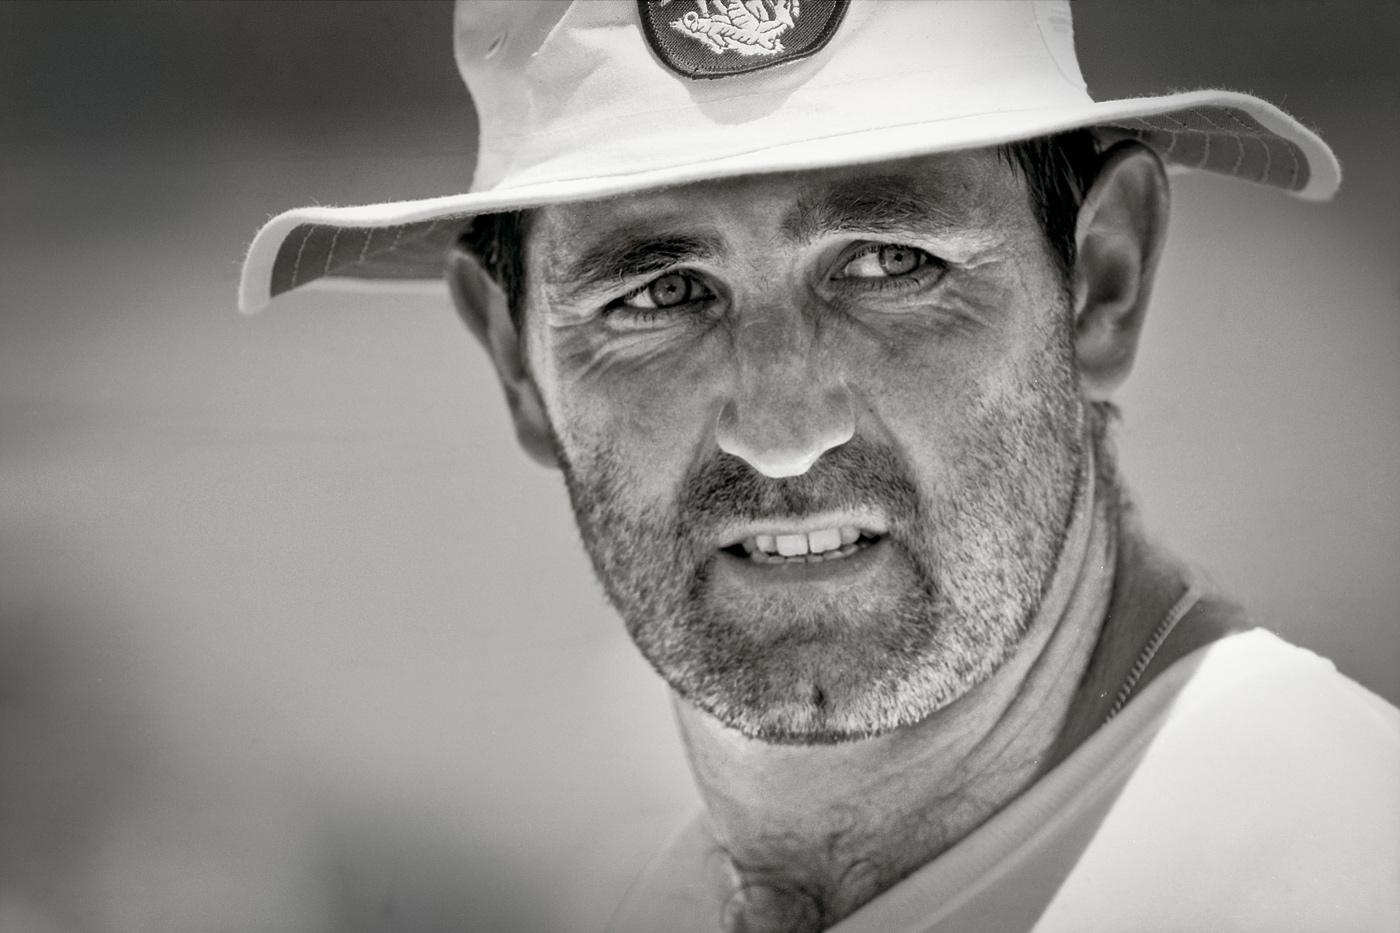 انگلستان کے سابق کپتان گراہم گوچ 35 سال کی عمر کے بعد سب سے زیادہ رنز، سب سے زیادہ سنچریاں اور سب سے طویل انںگز کھیلنے کا ریکارڈ رکھتے ہیں